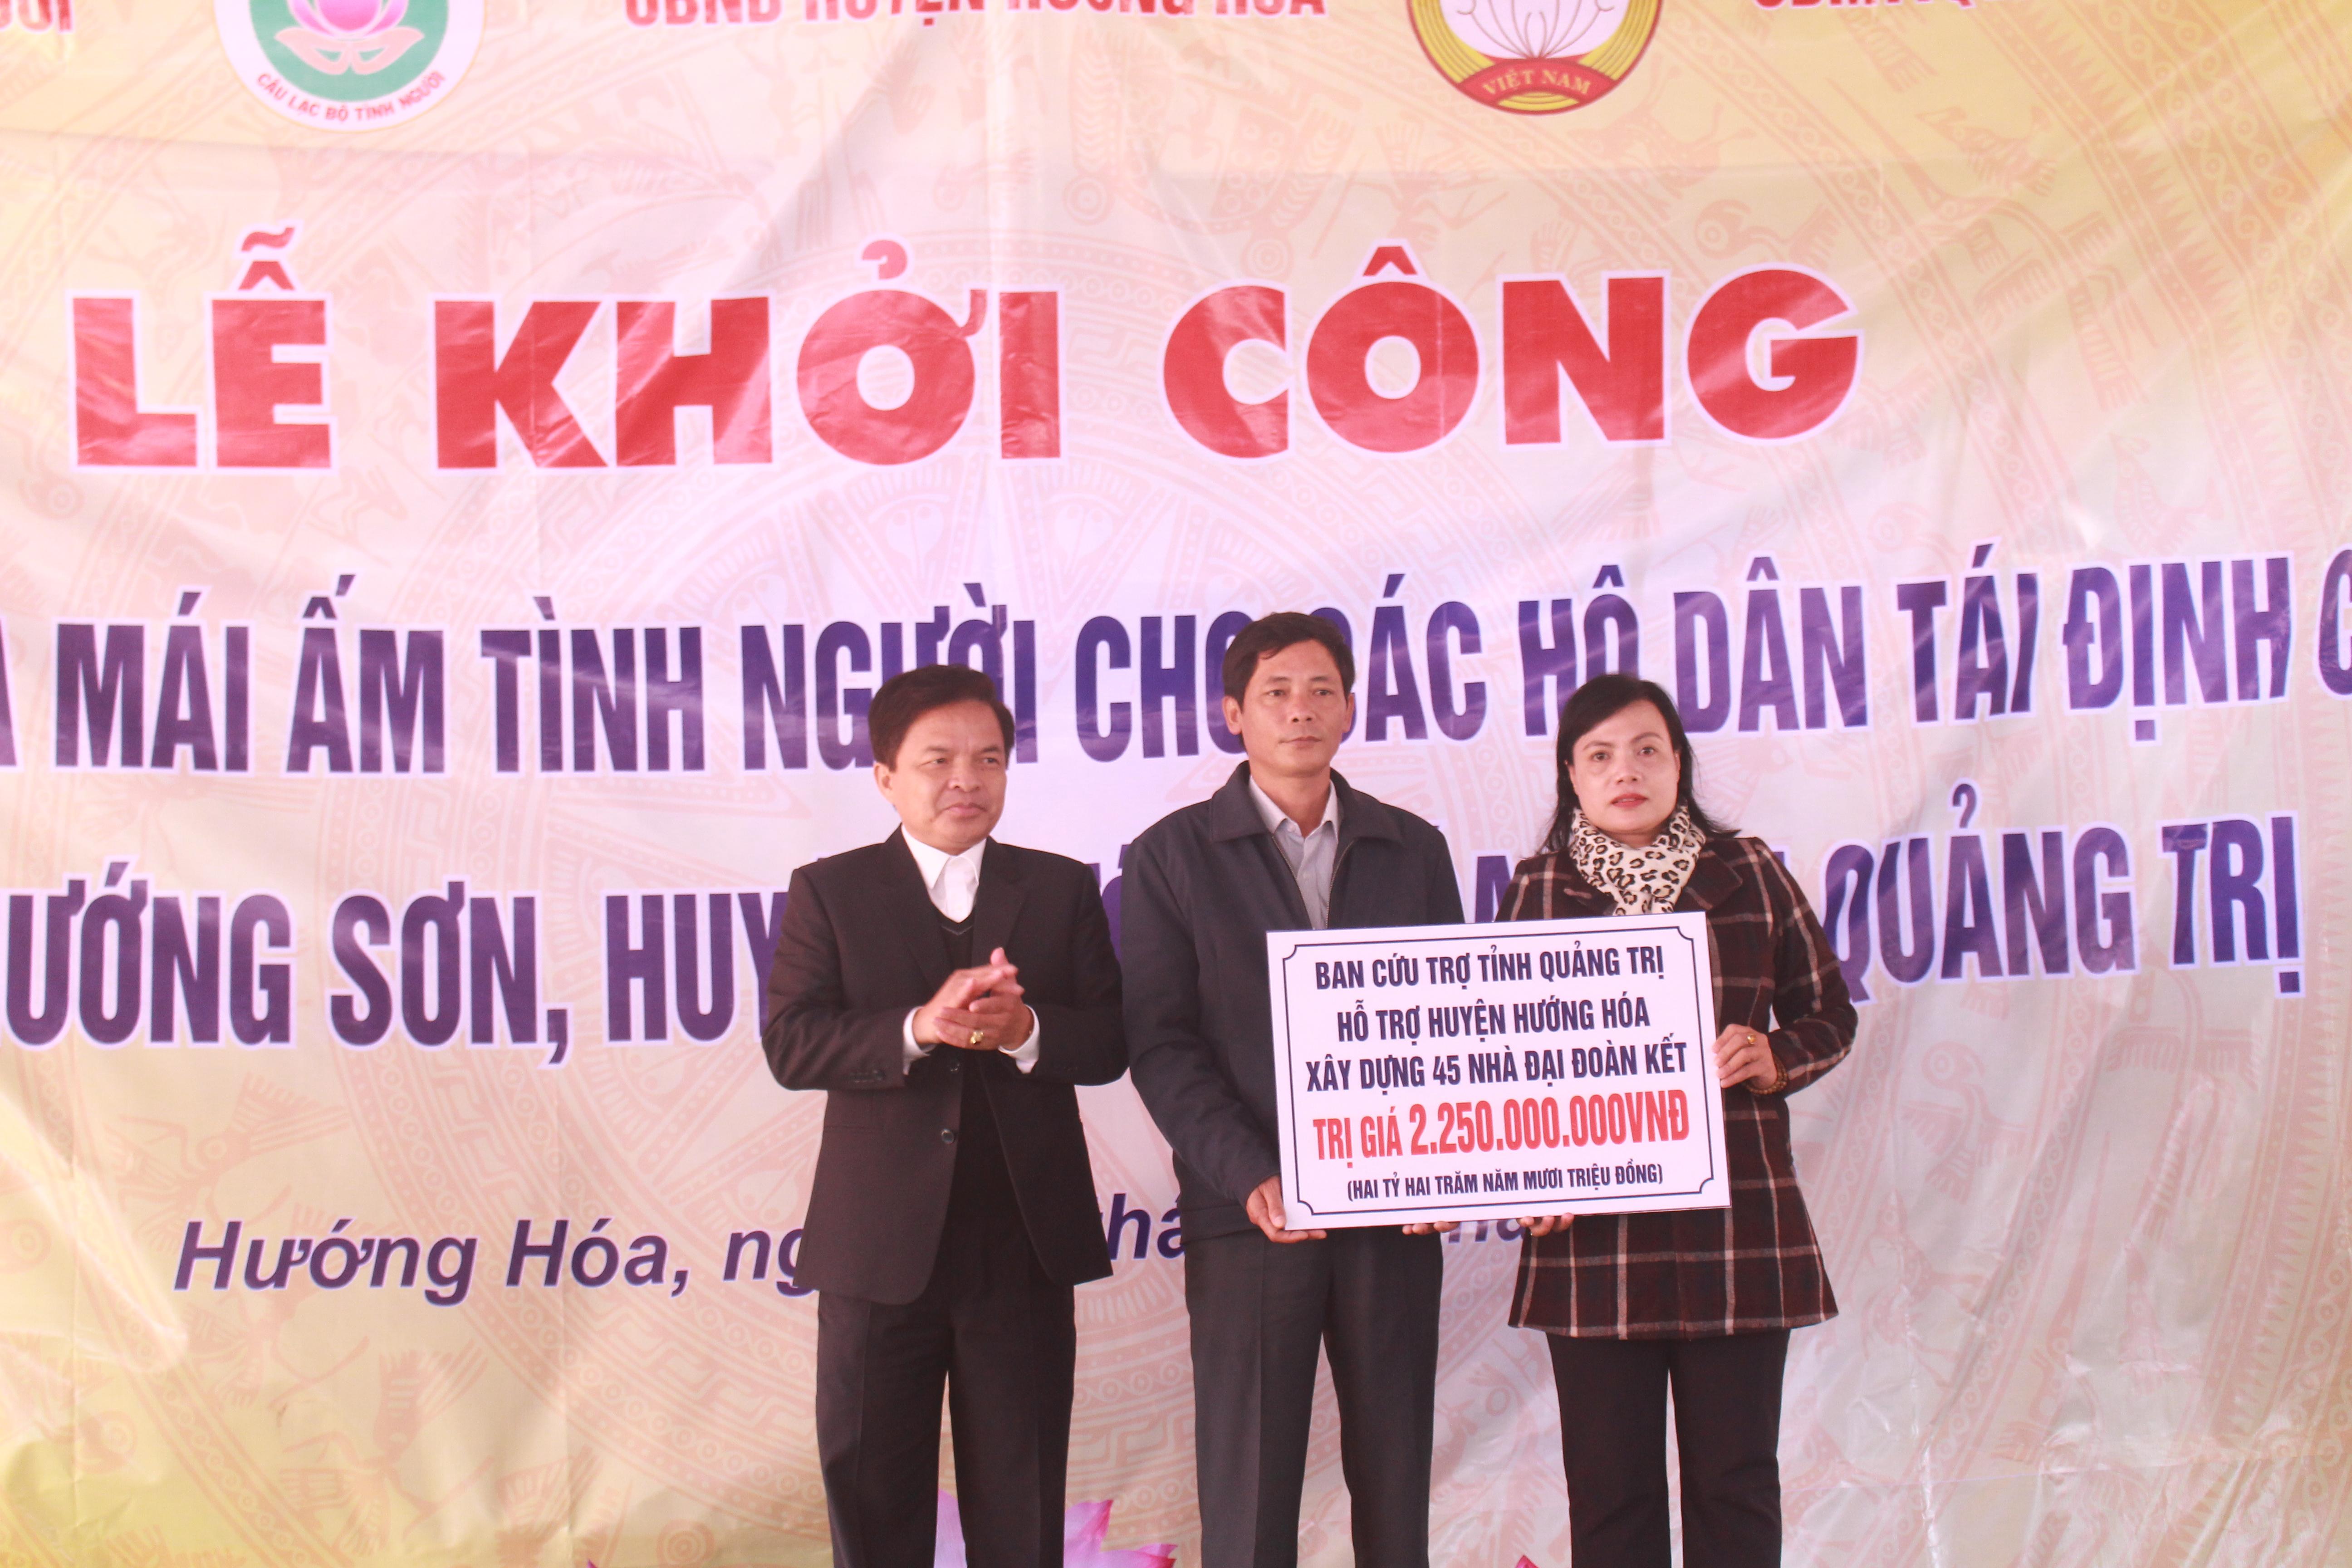 Ban Cứu trợ tỉnh Quảng Trị hỗ trợ 2,25 tỷ đồng xây nhà Đại đoàn kết cho 45 hộ dân thôn Raly - Rào.